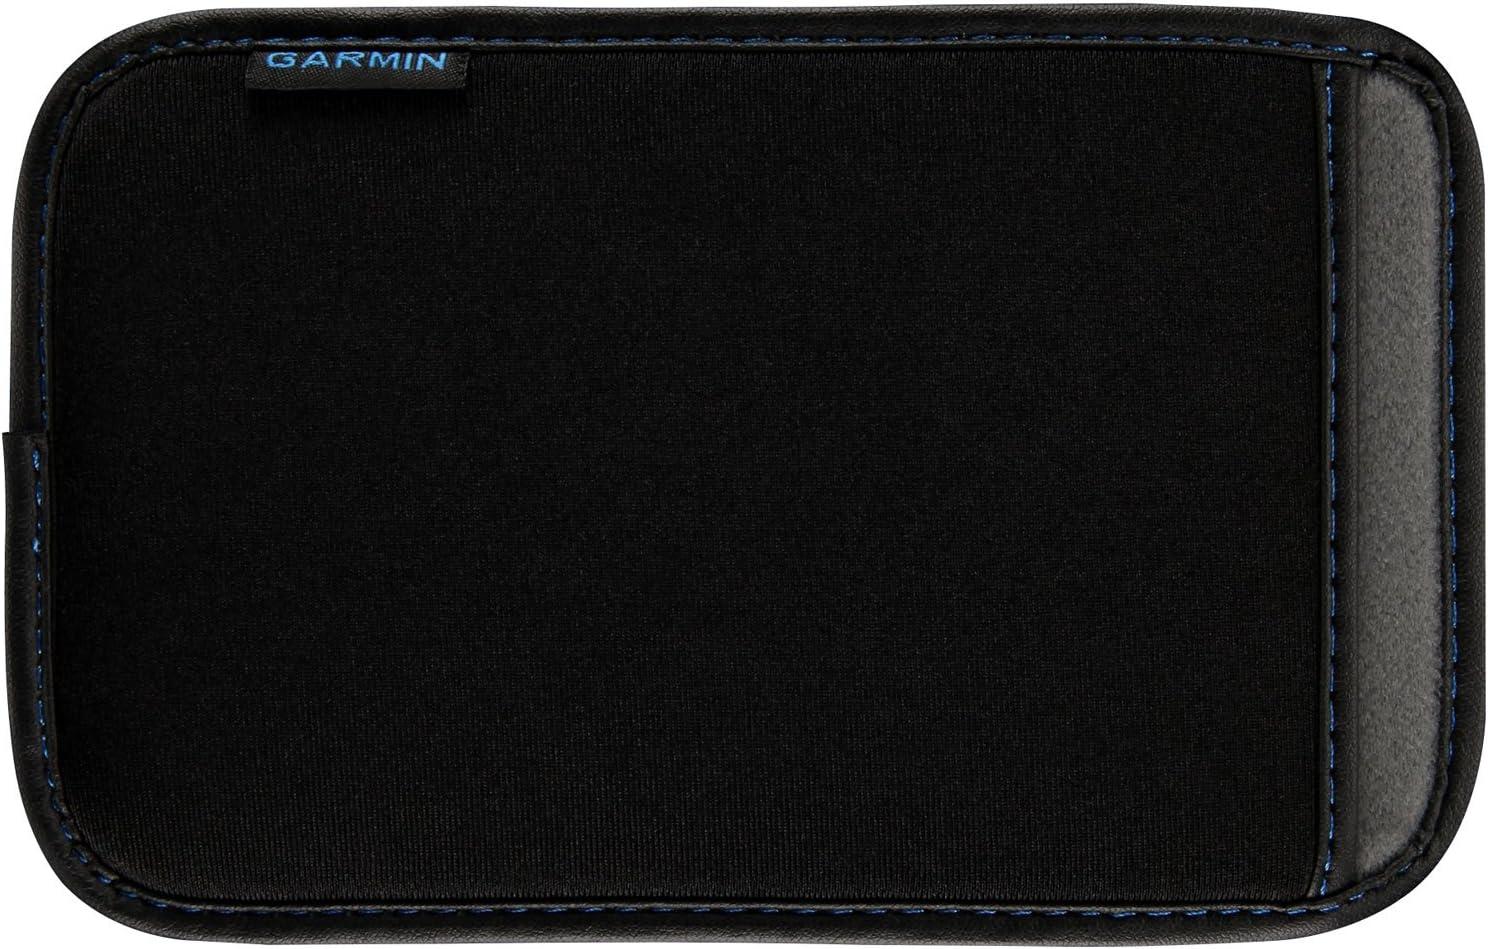 Garmin Soft Carry Case - Funda para GPS 5